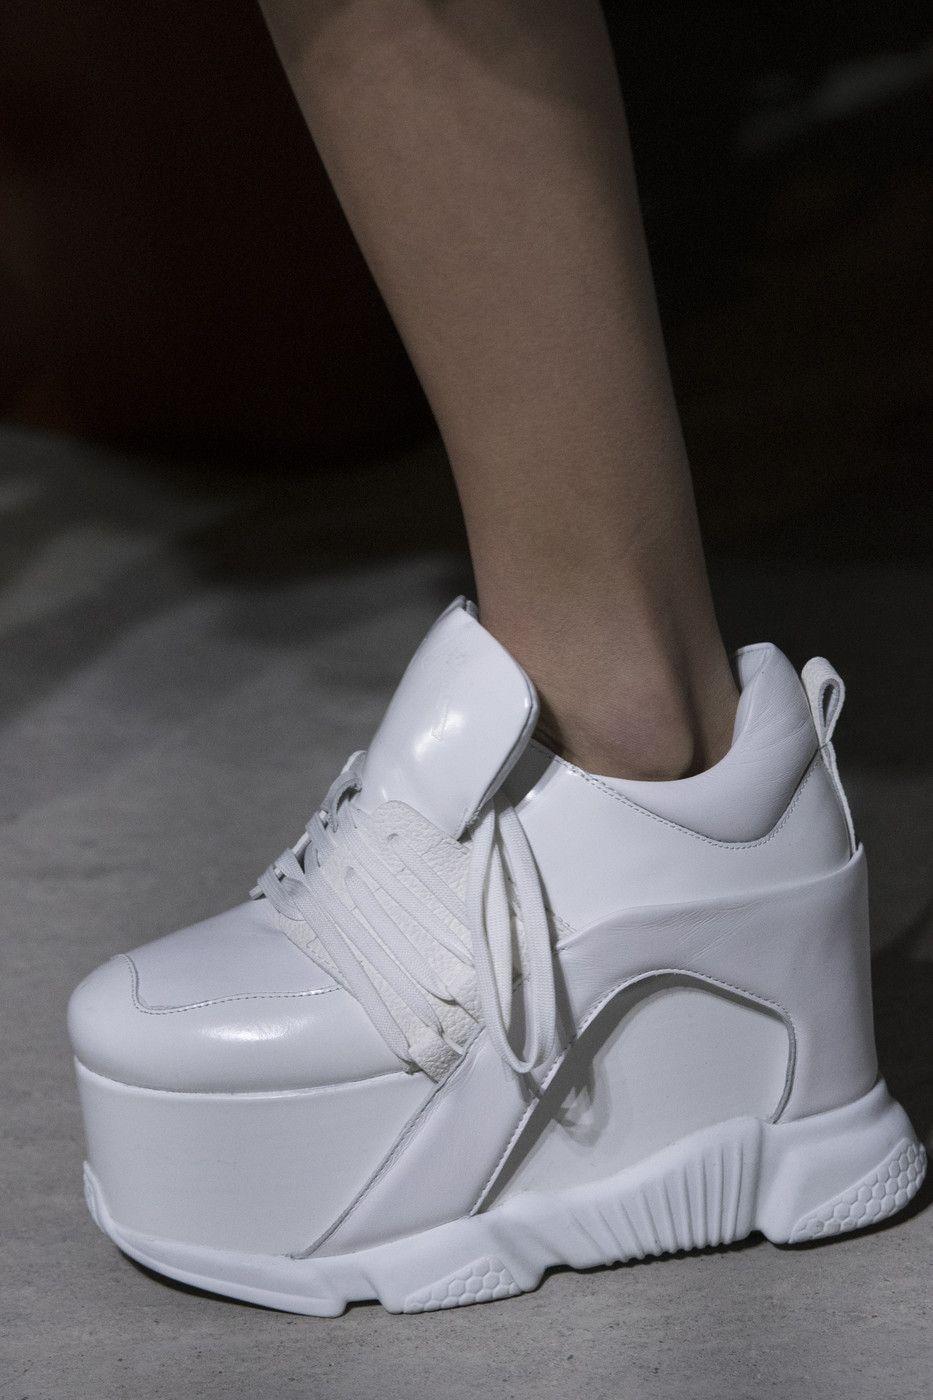 Модные кроссовки осень-зима 2018-2019 из коллекции Marques Almeida